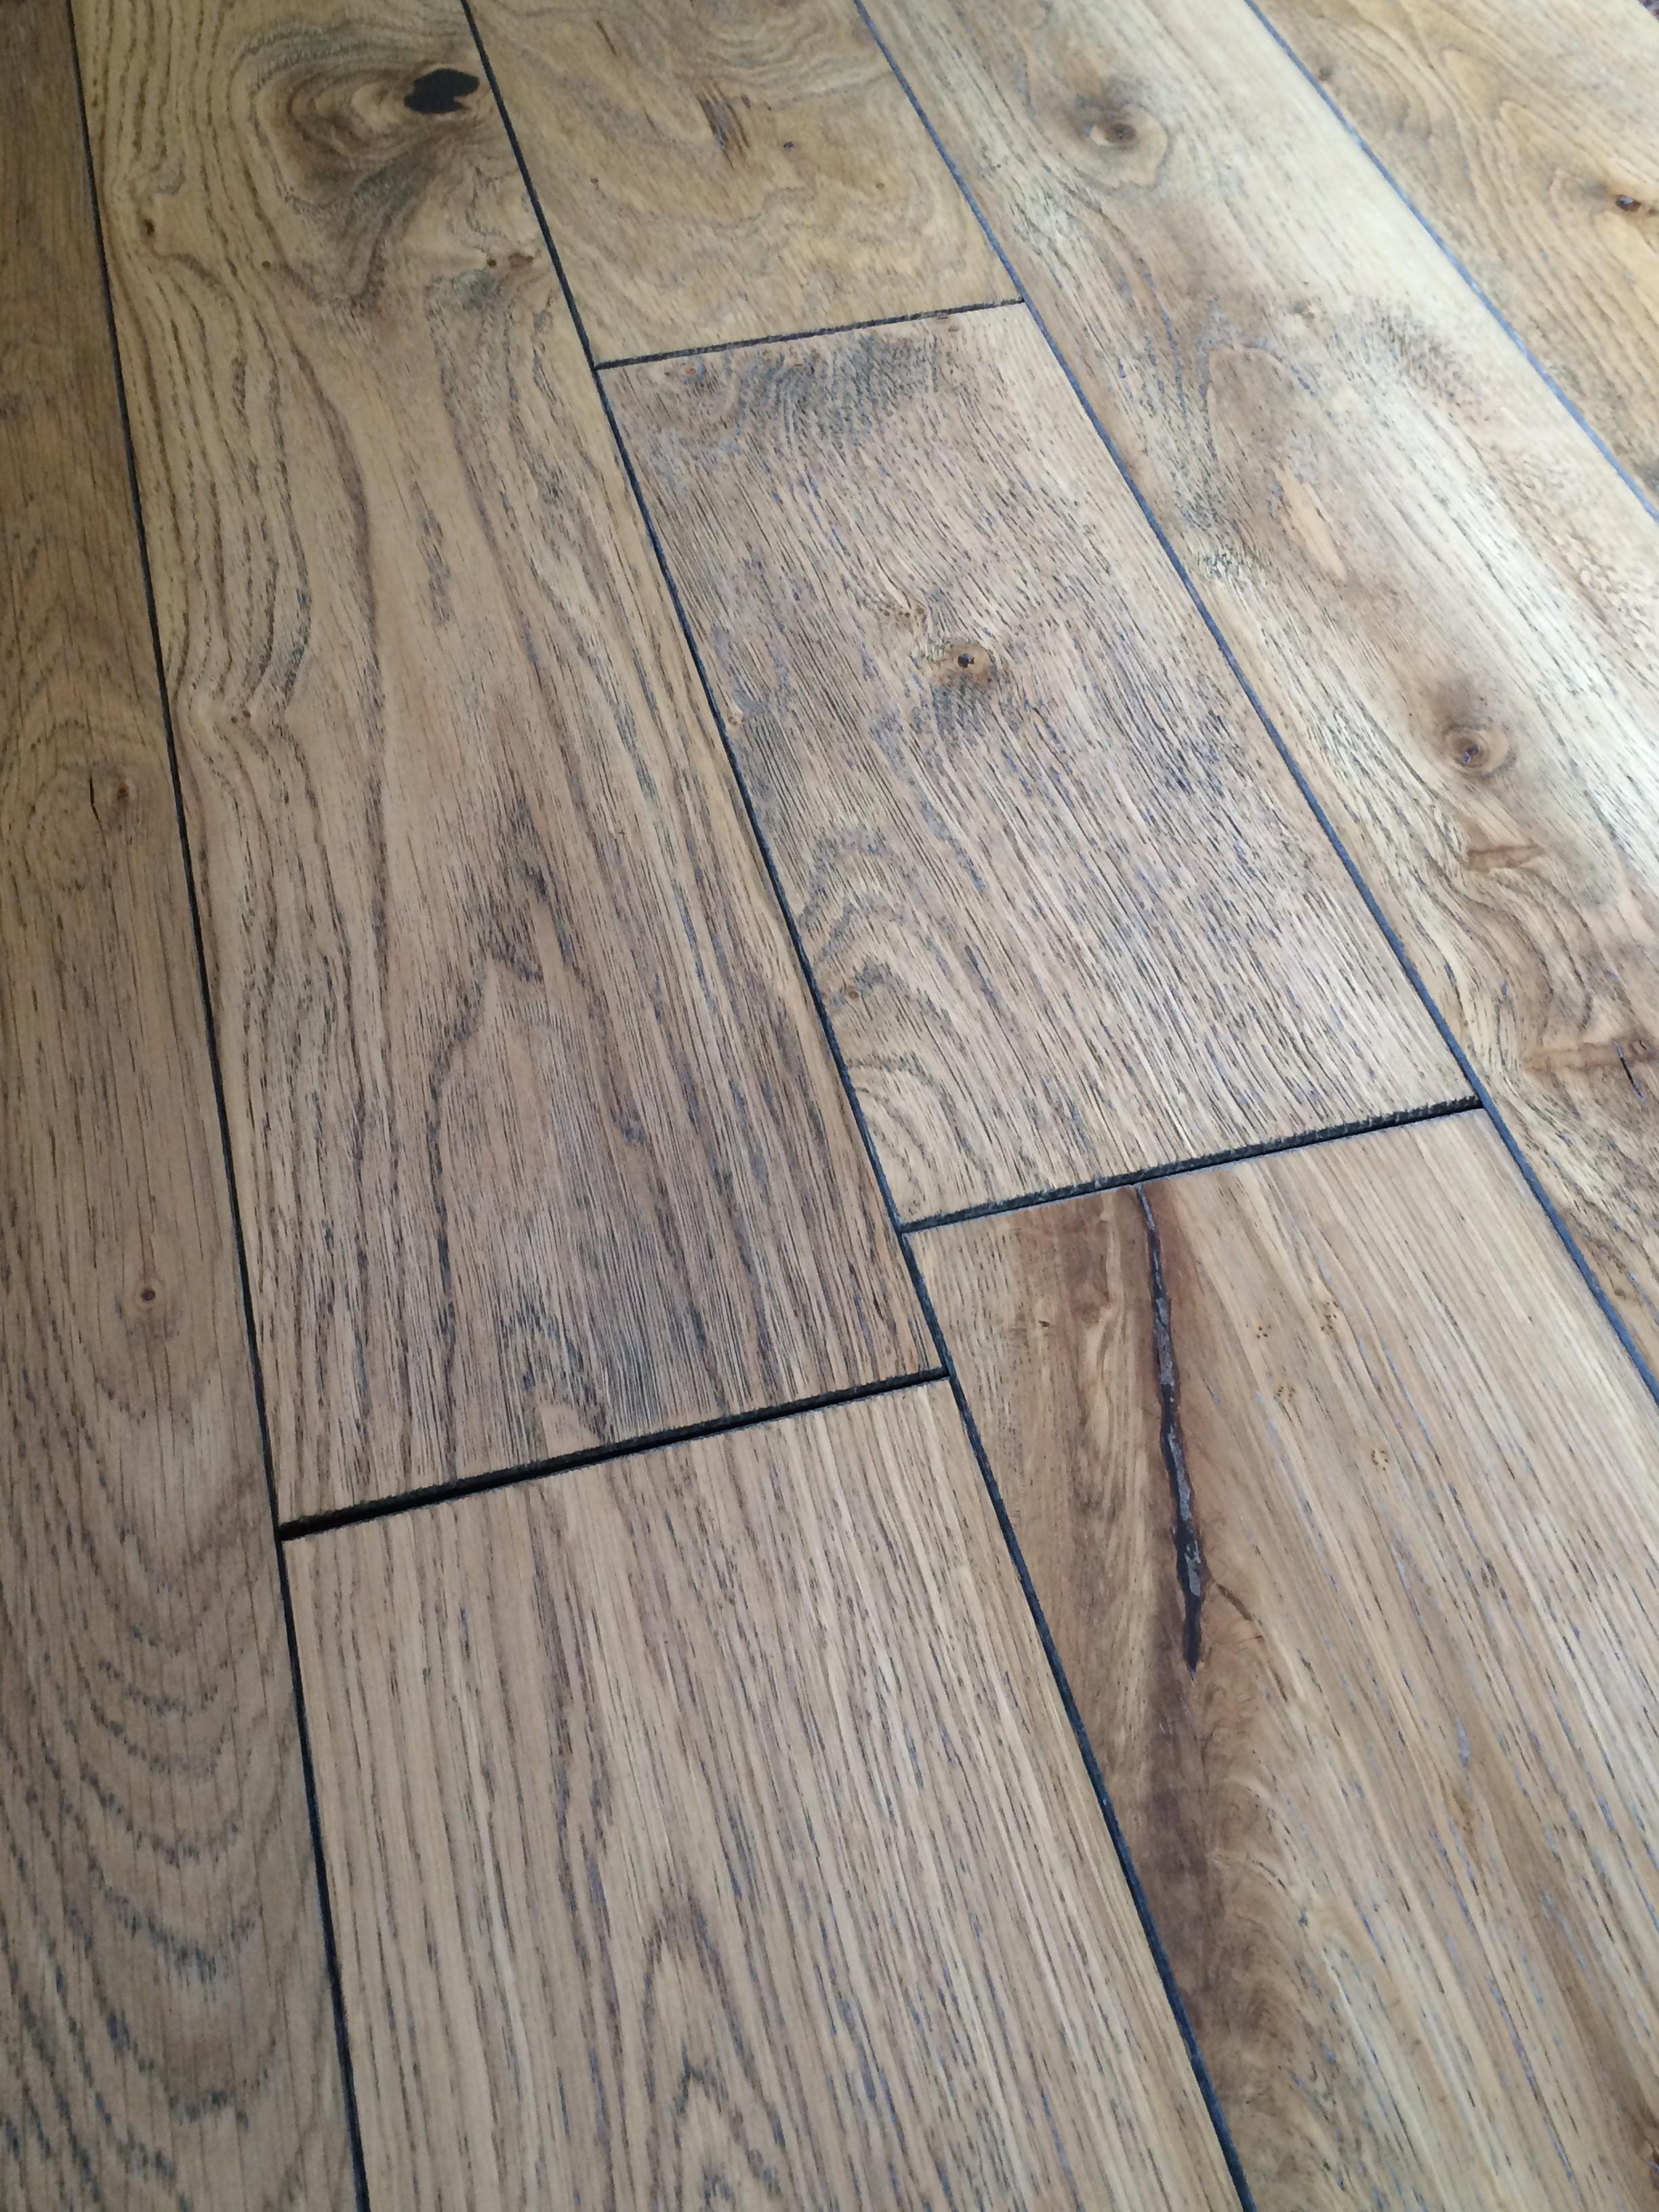 Engineered wood flooring lugano brushed white engineered oak wood flooring 125 x 18/5mm MUIFNKZ